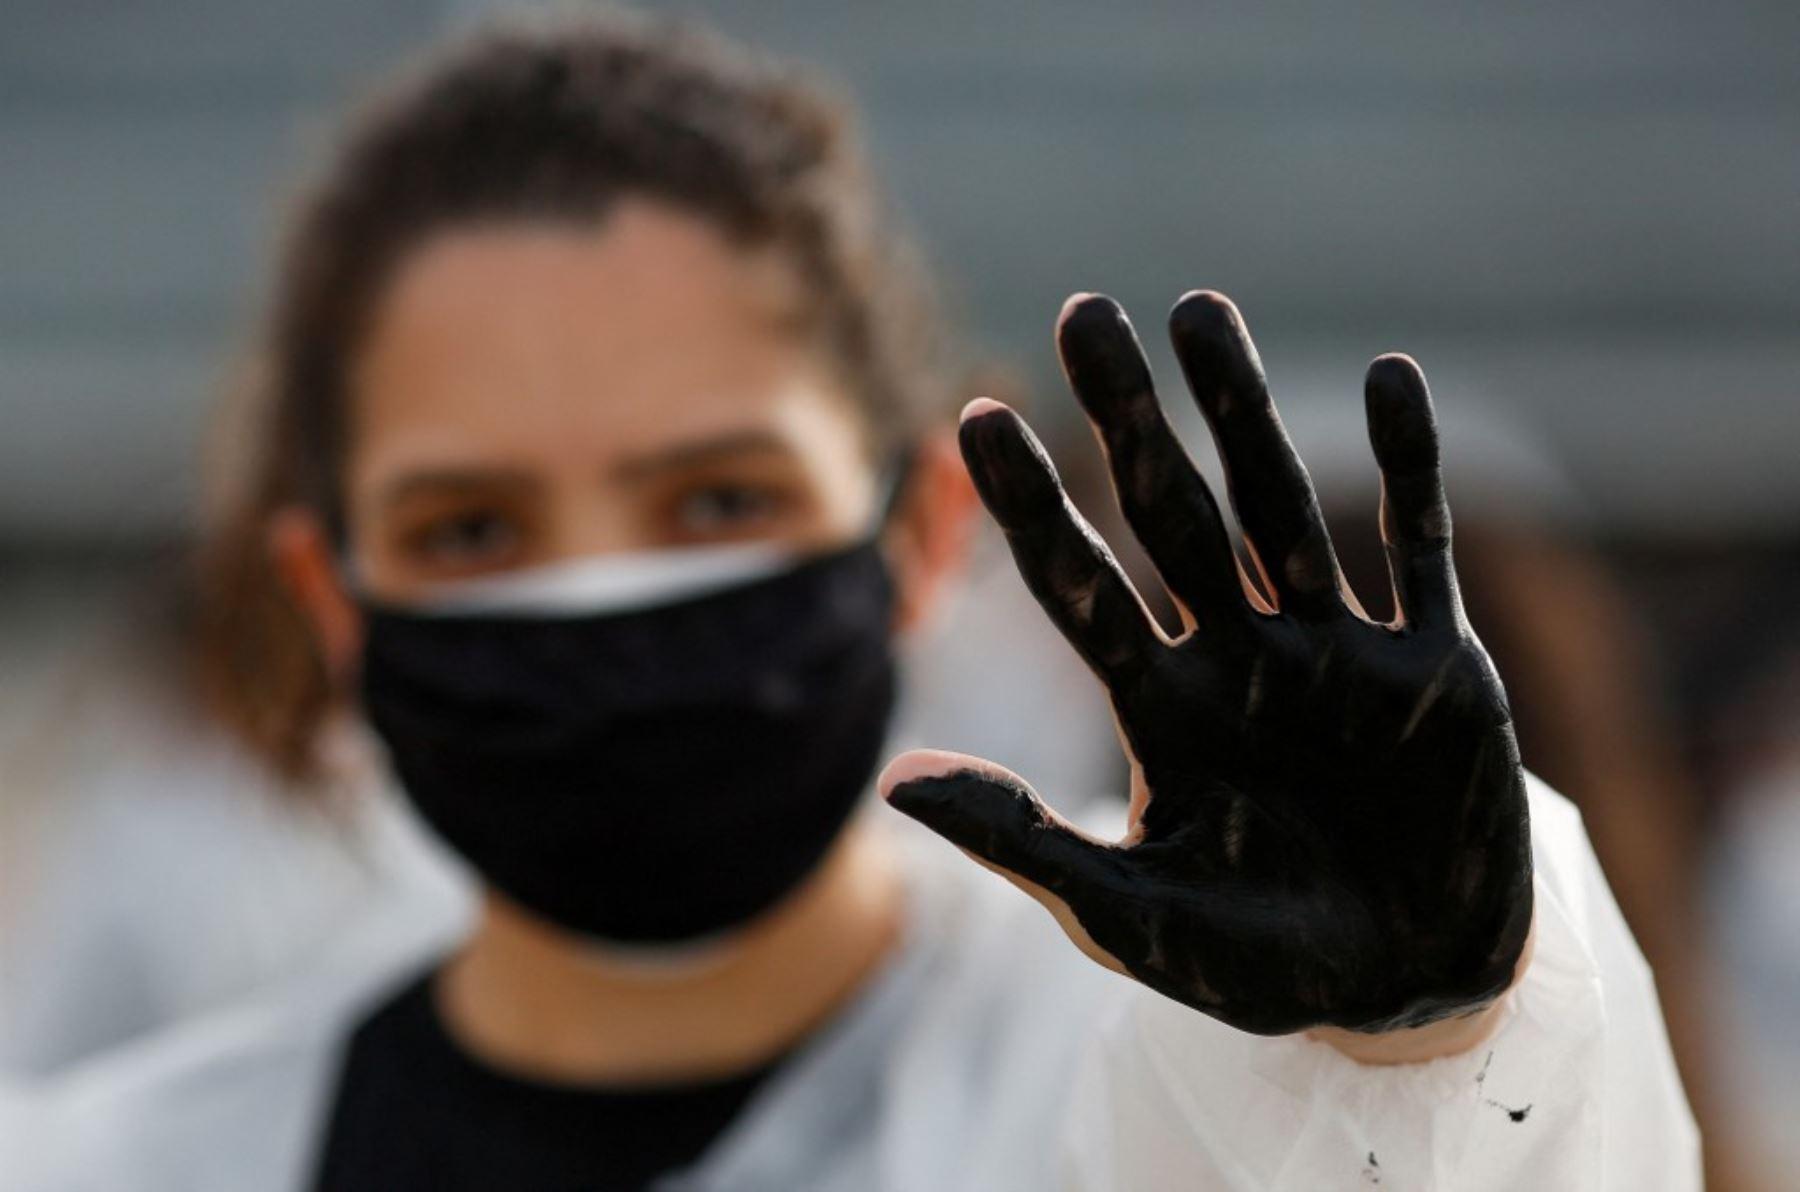 Una enfermera protesta contra el presidente brasileño Jair Bolsonaro y rinden homenaje a los trabajadores de la salud que murieron por complicaciones del nuevo coronavirus covid-19, durante una manifestación frente al Palacio Planalto, en Brasilia. Foto: AFP